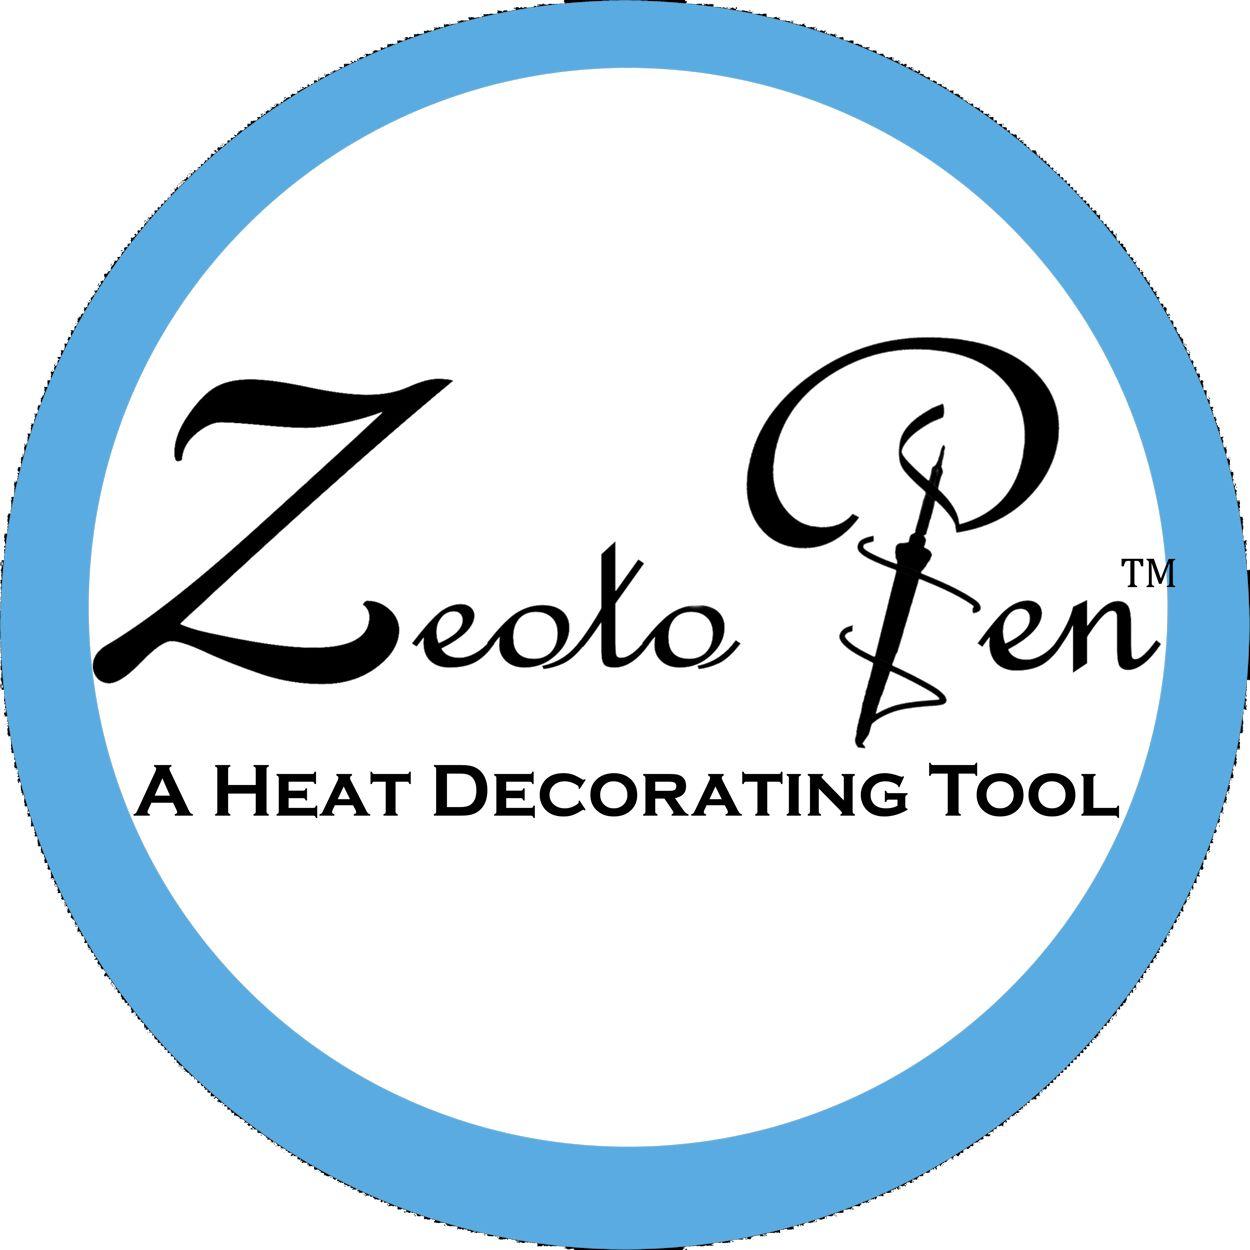 Zeoto Pen™